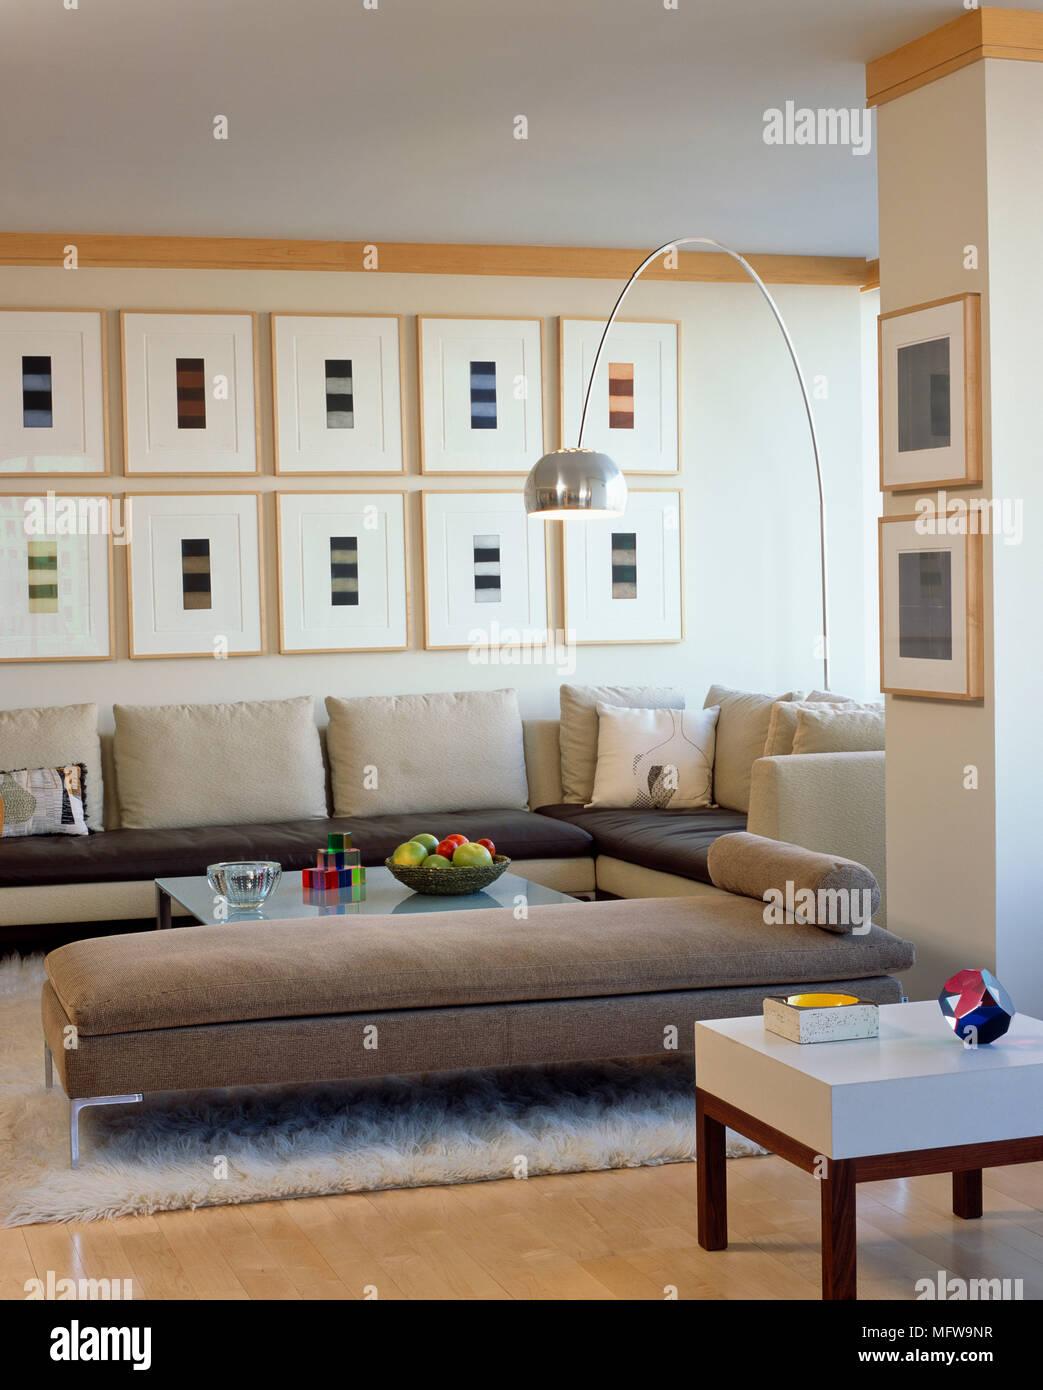 Arco Stehleuchte über Gepolsterte Liege Und Sofa Um Couchtisch